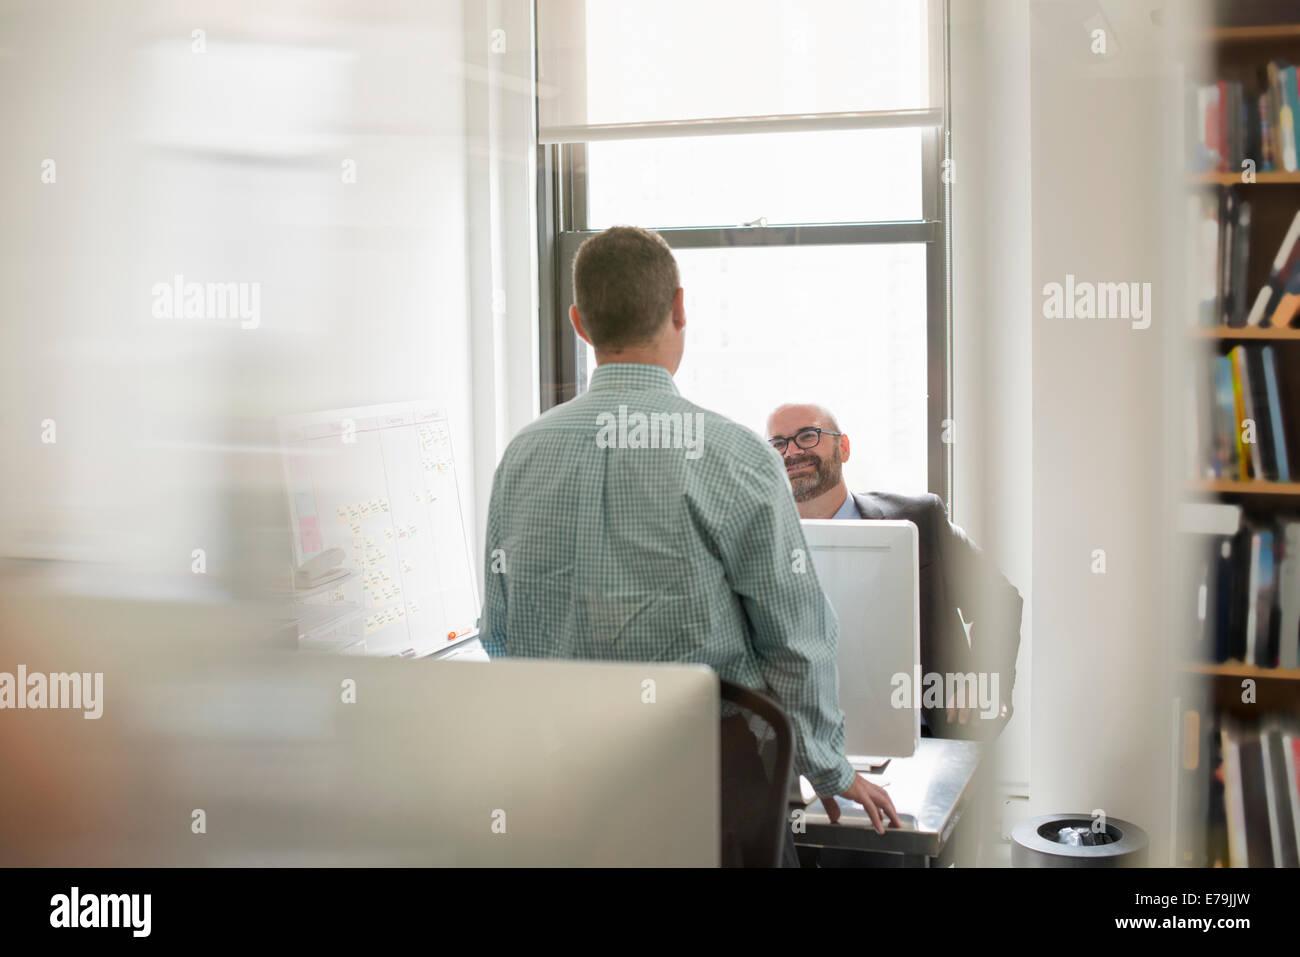 Vita in ufficio. Due persone, uomini d'affari di parlarsi sulle loro scrivanie. Immagini Stock